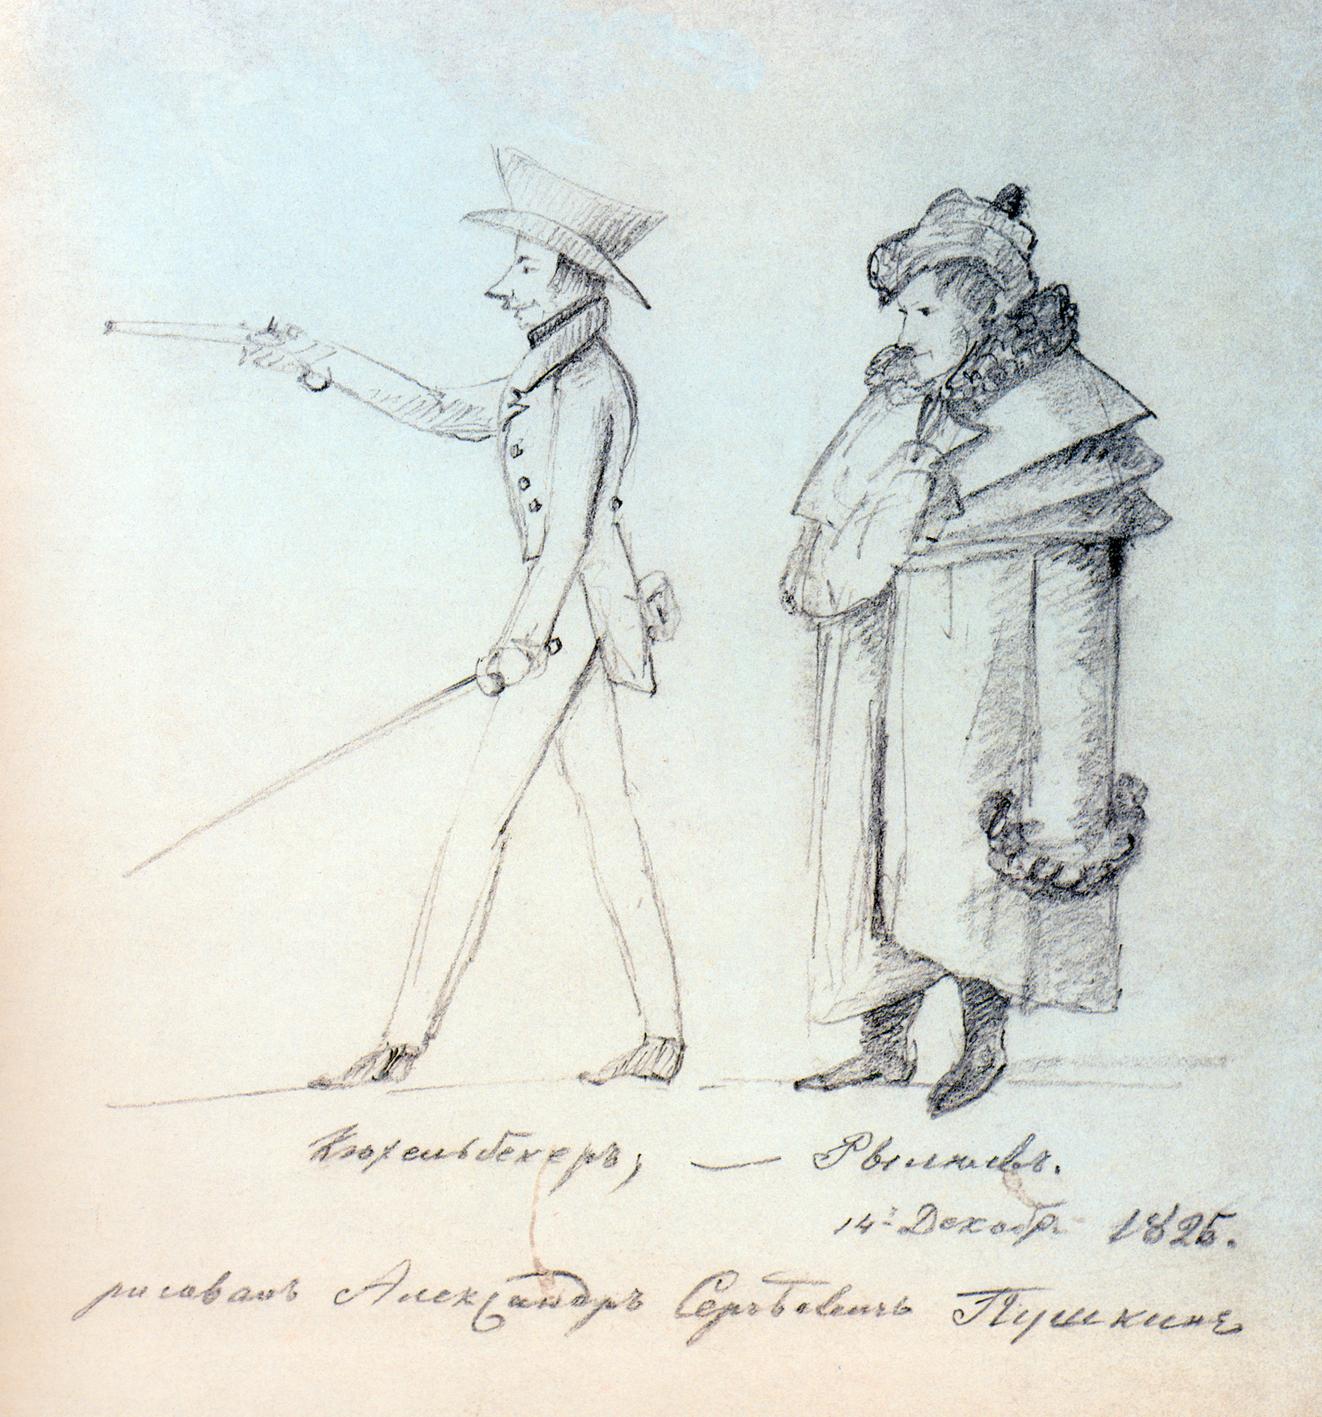 Рисунок Пушкина, 1827 год: Кюхельбекер и Рылеев 14 декабря 1825